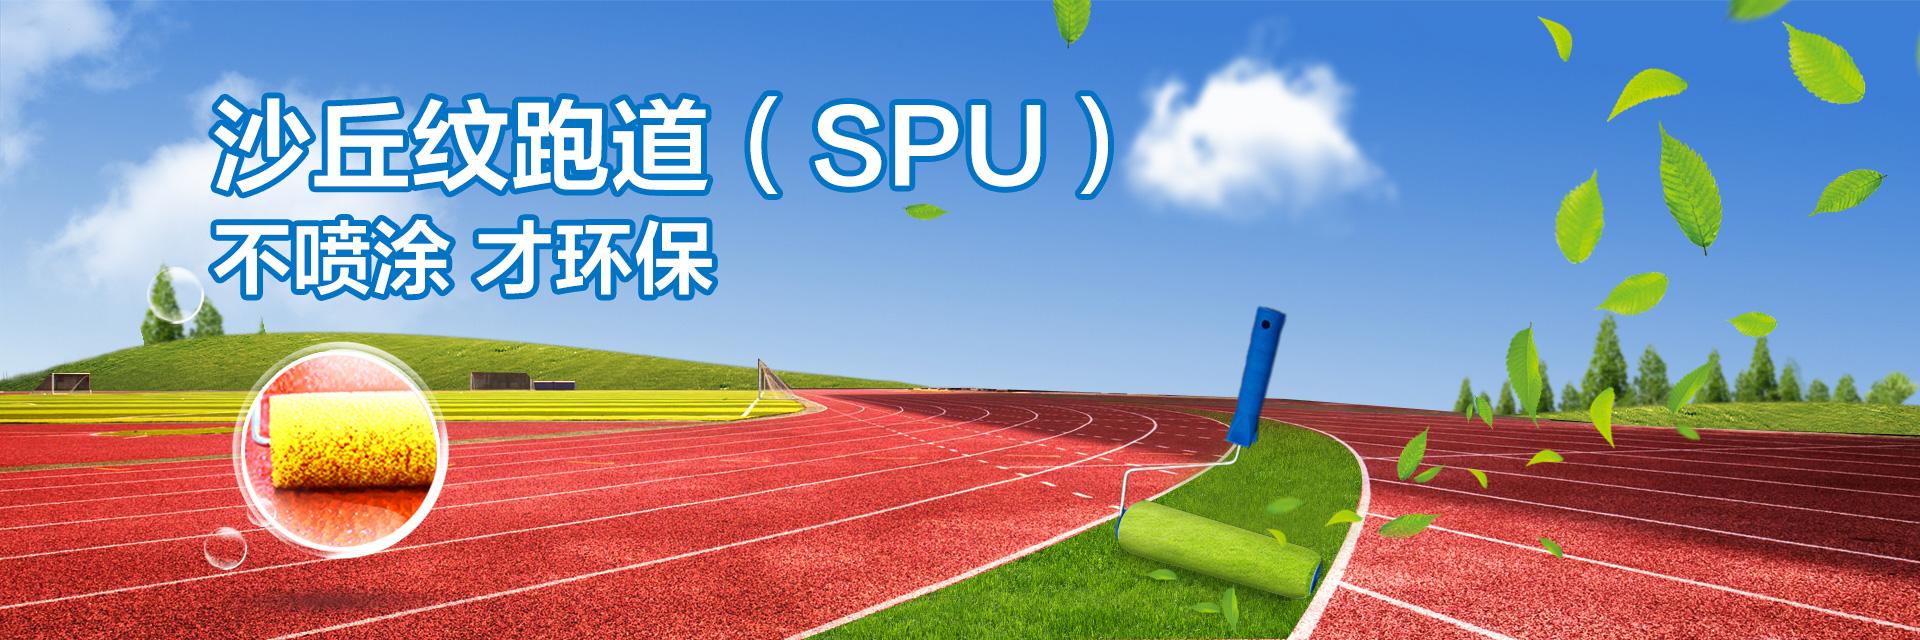 沙纹跑道(SPU)